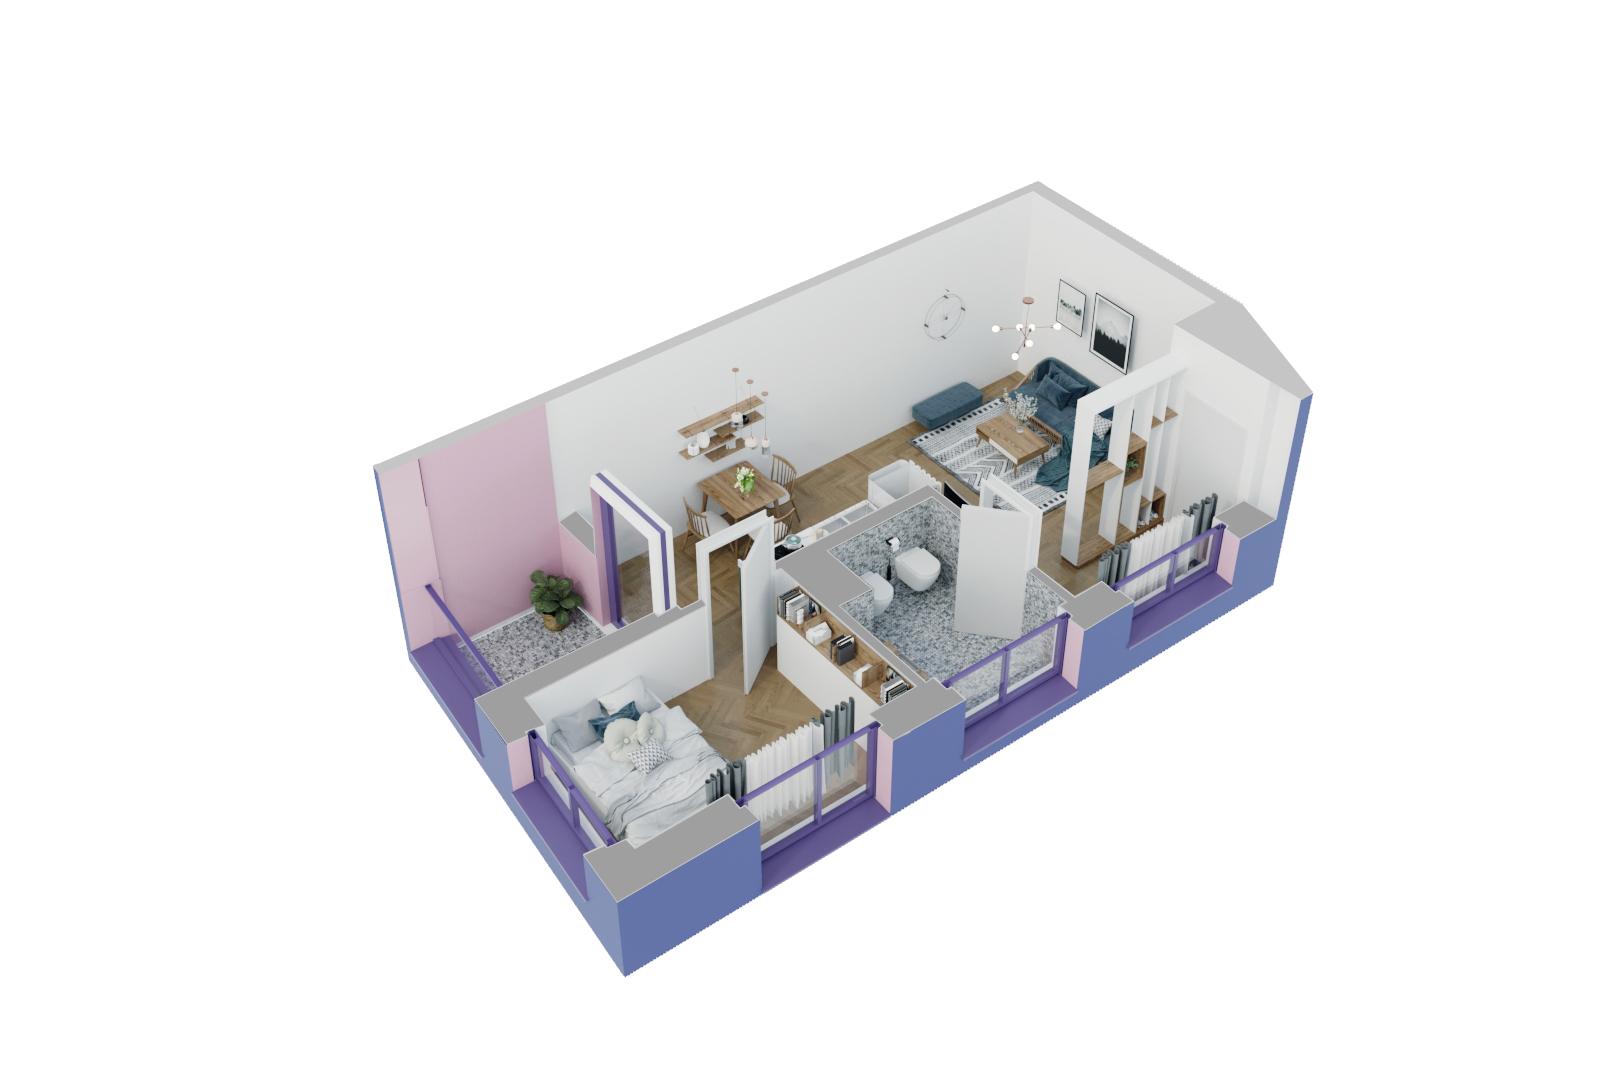 Apartament 1+1 në shitje në Tiranë - Mangalem 21 Shkalla 15 Kati 4